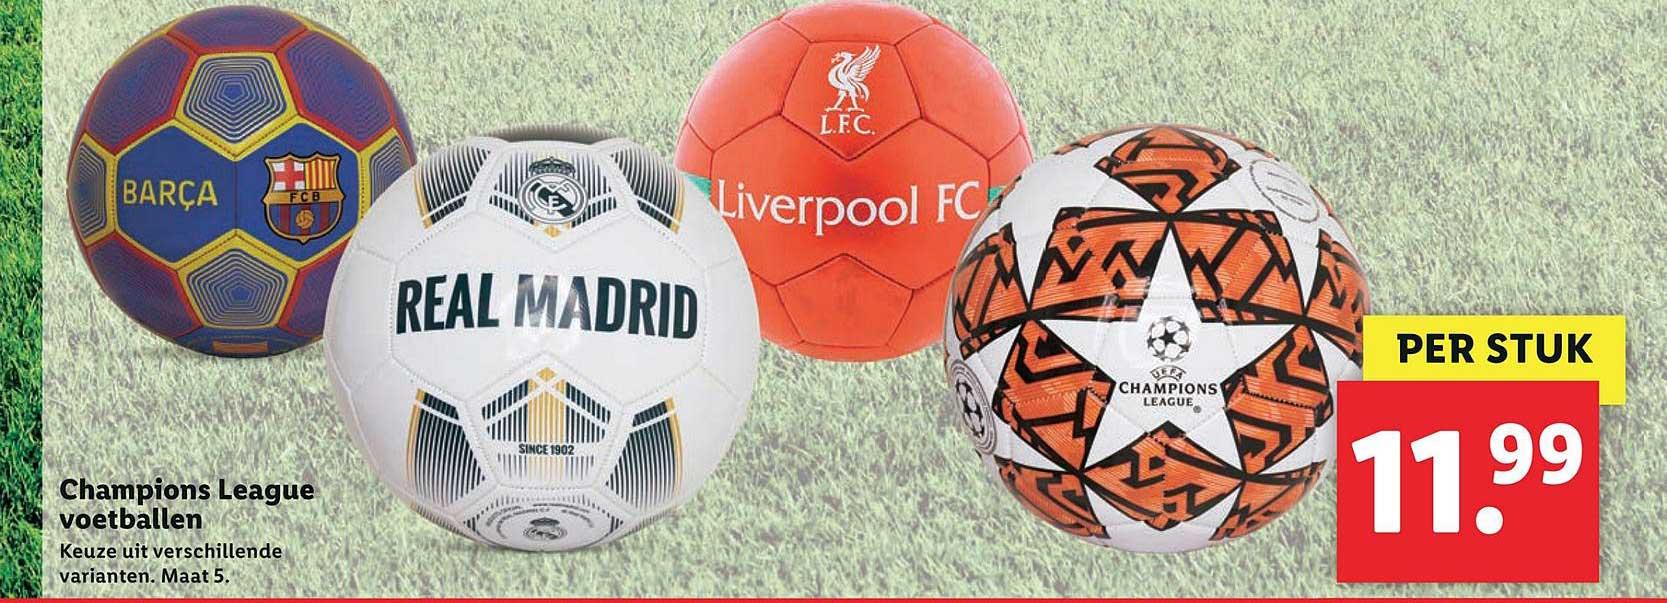 Lidl Champions League Voetballen